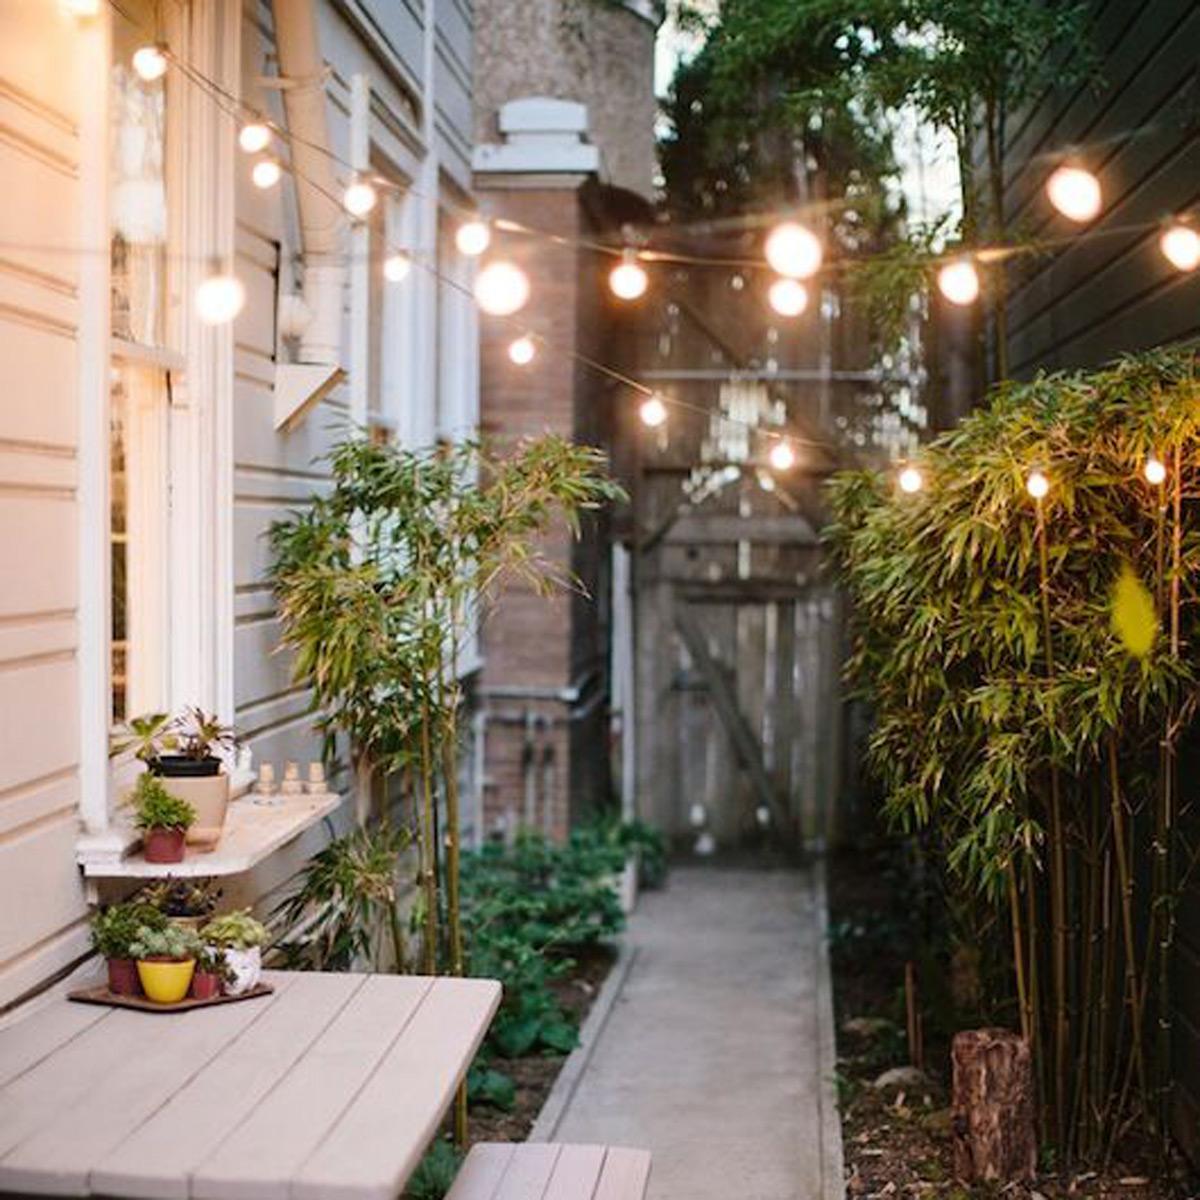 8 inspiring small garden ideas garden tips good for Large garden design ideas uk